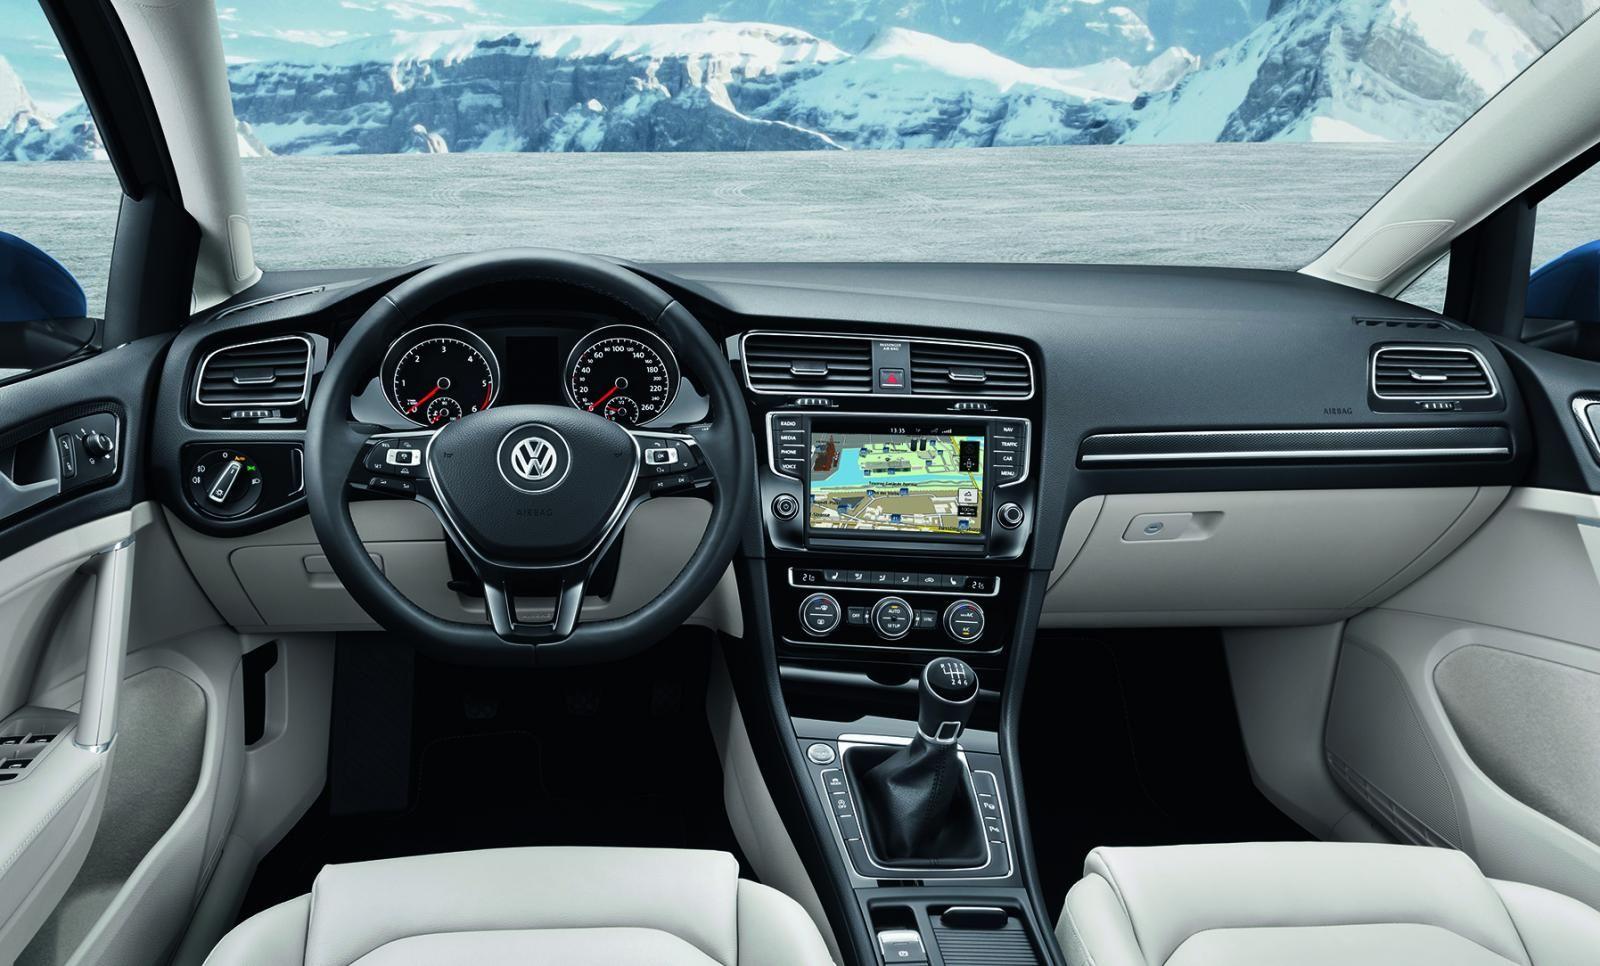 2014 New Volkswagen Golf Estate Interior